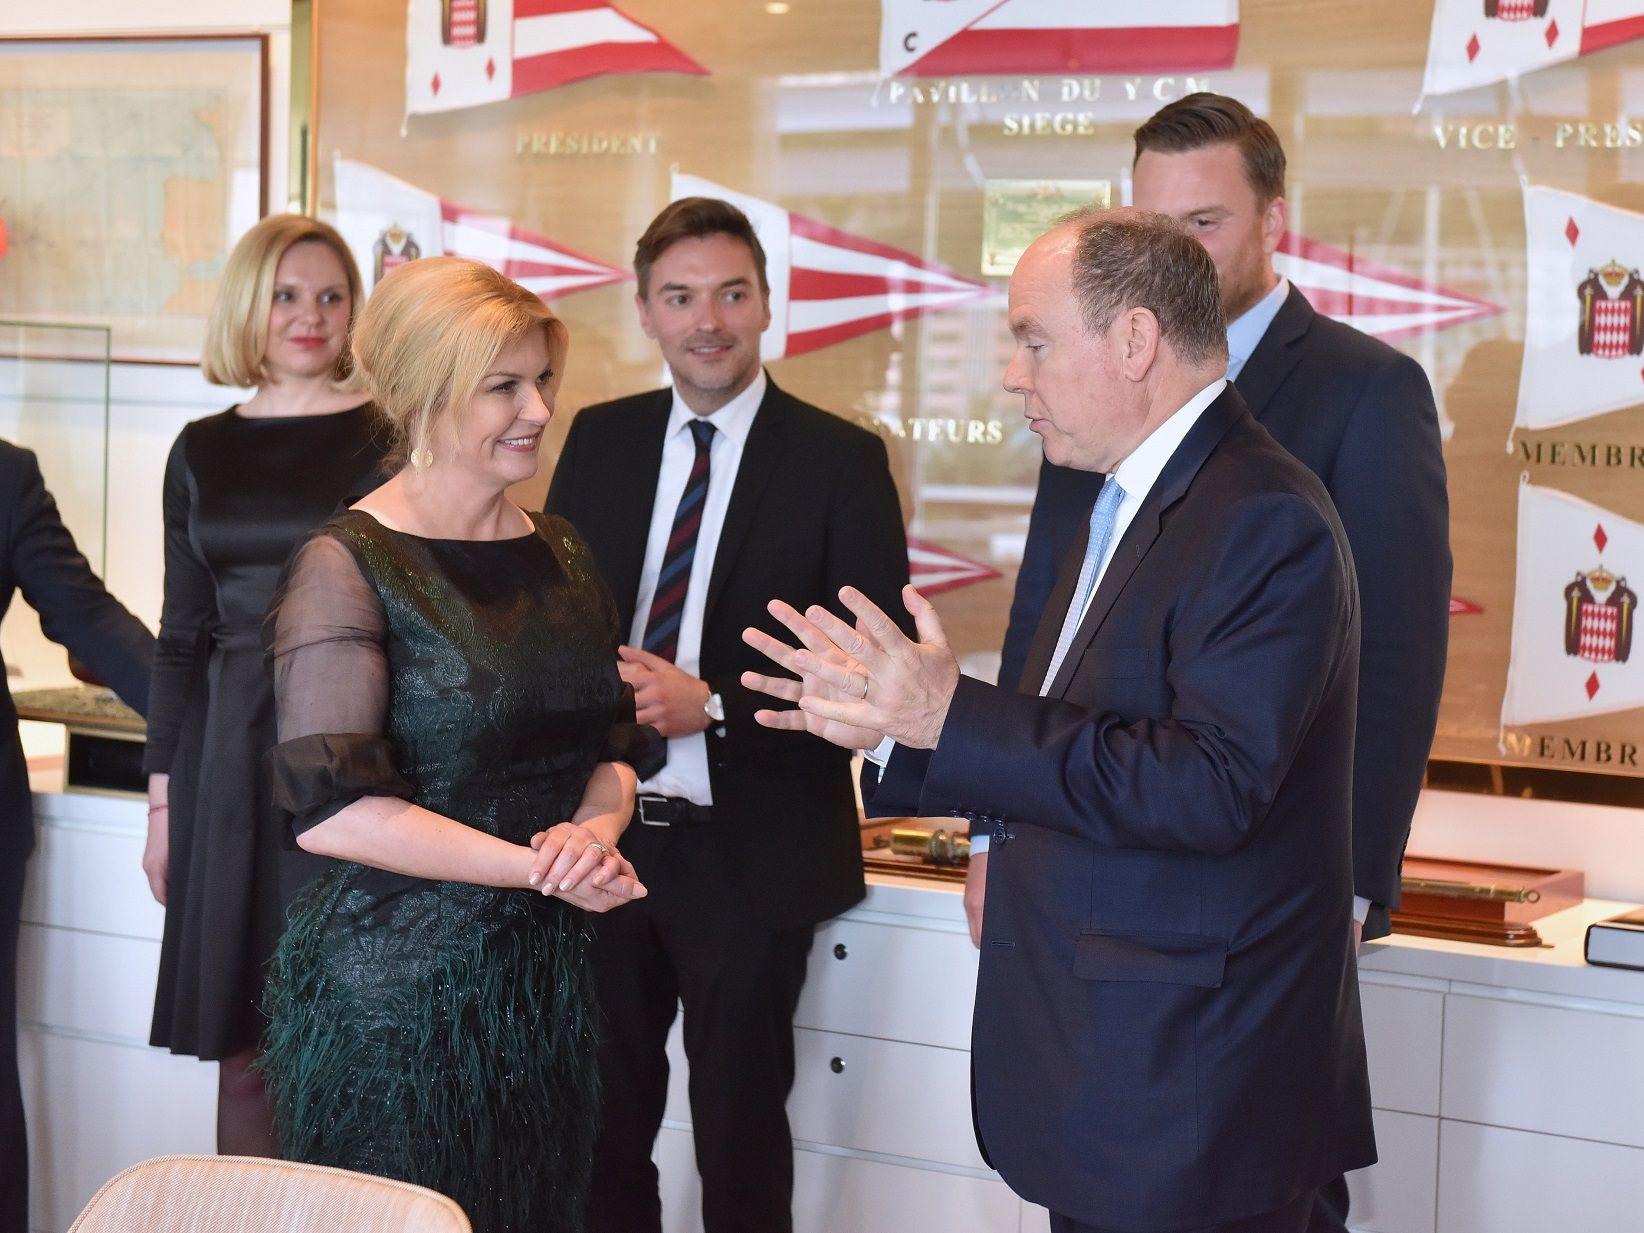 Predsjednica Grabar-Kitarović s knezom Albertom II. : zajednički interes u turizmu, zelenoj industriji